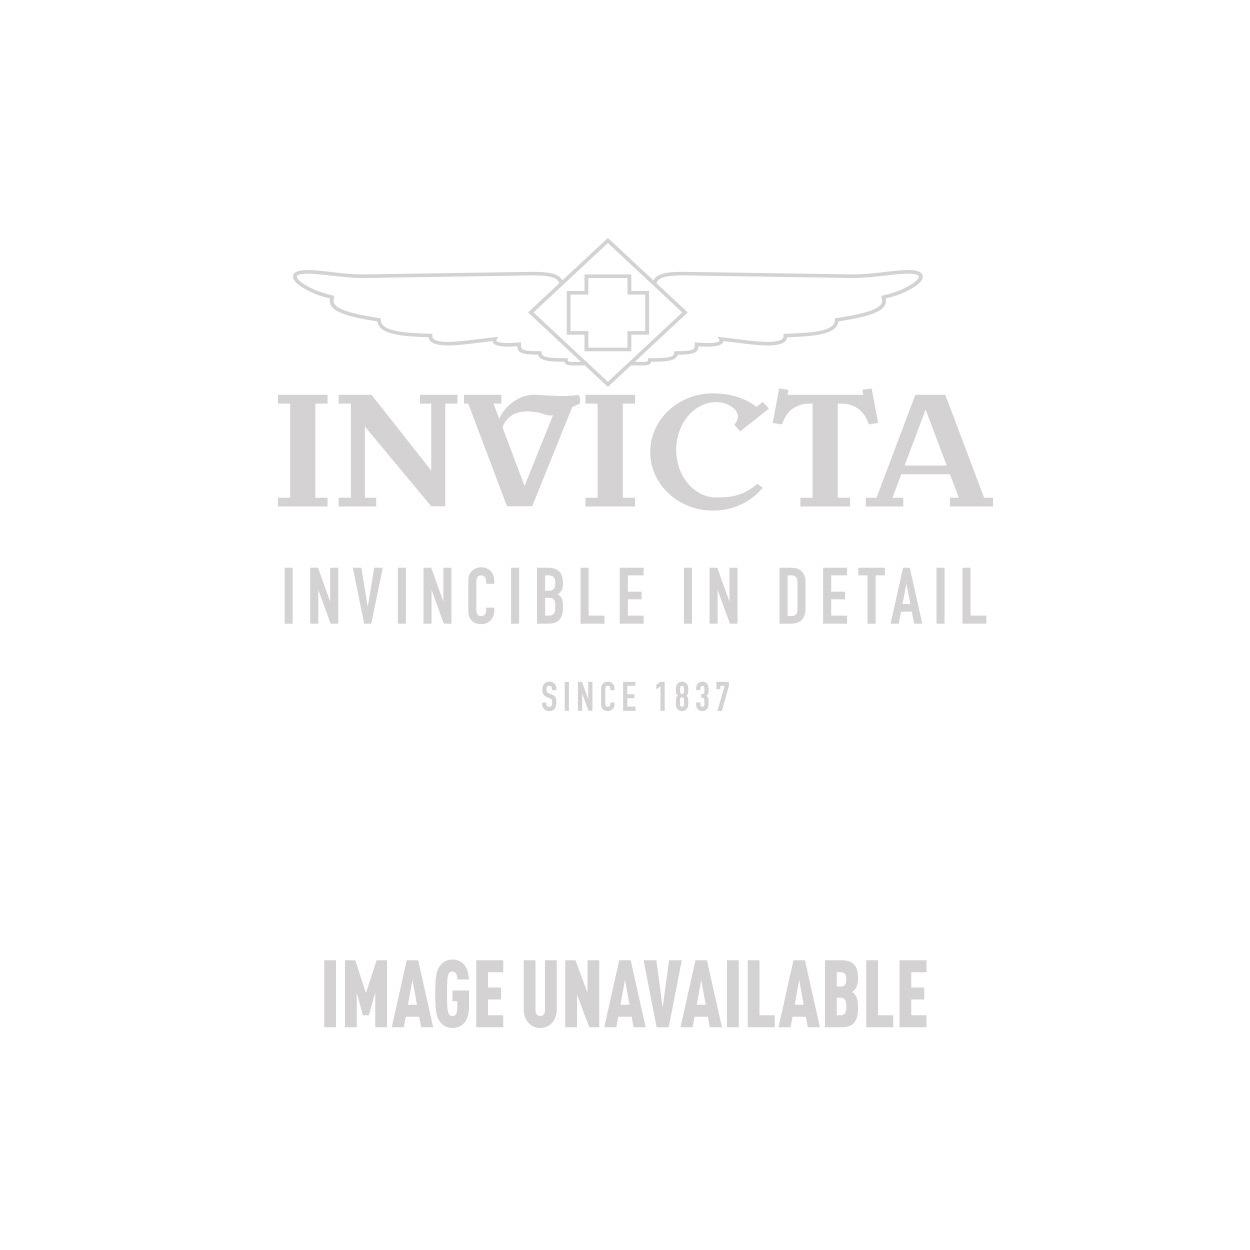 Invicta Model 28774